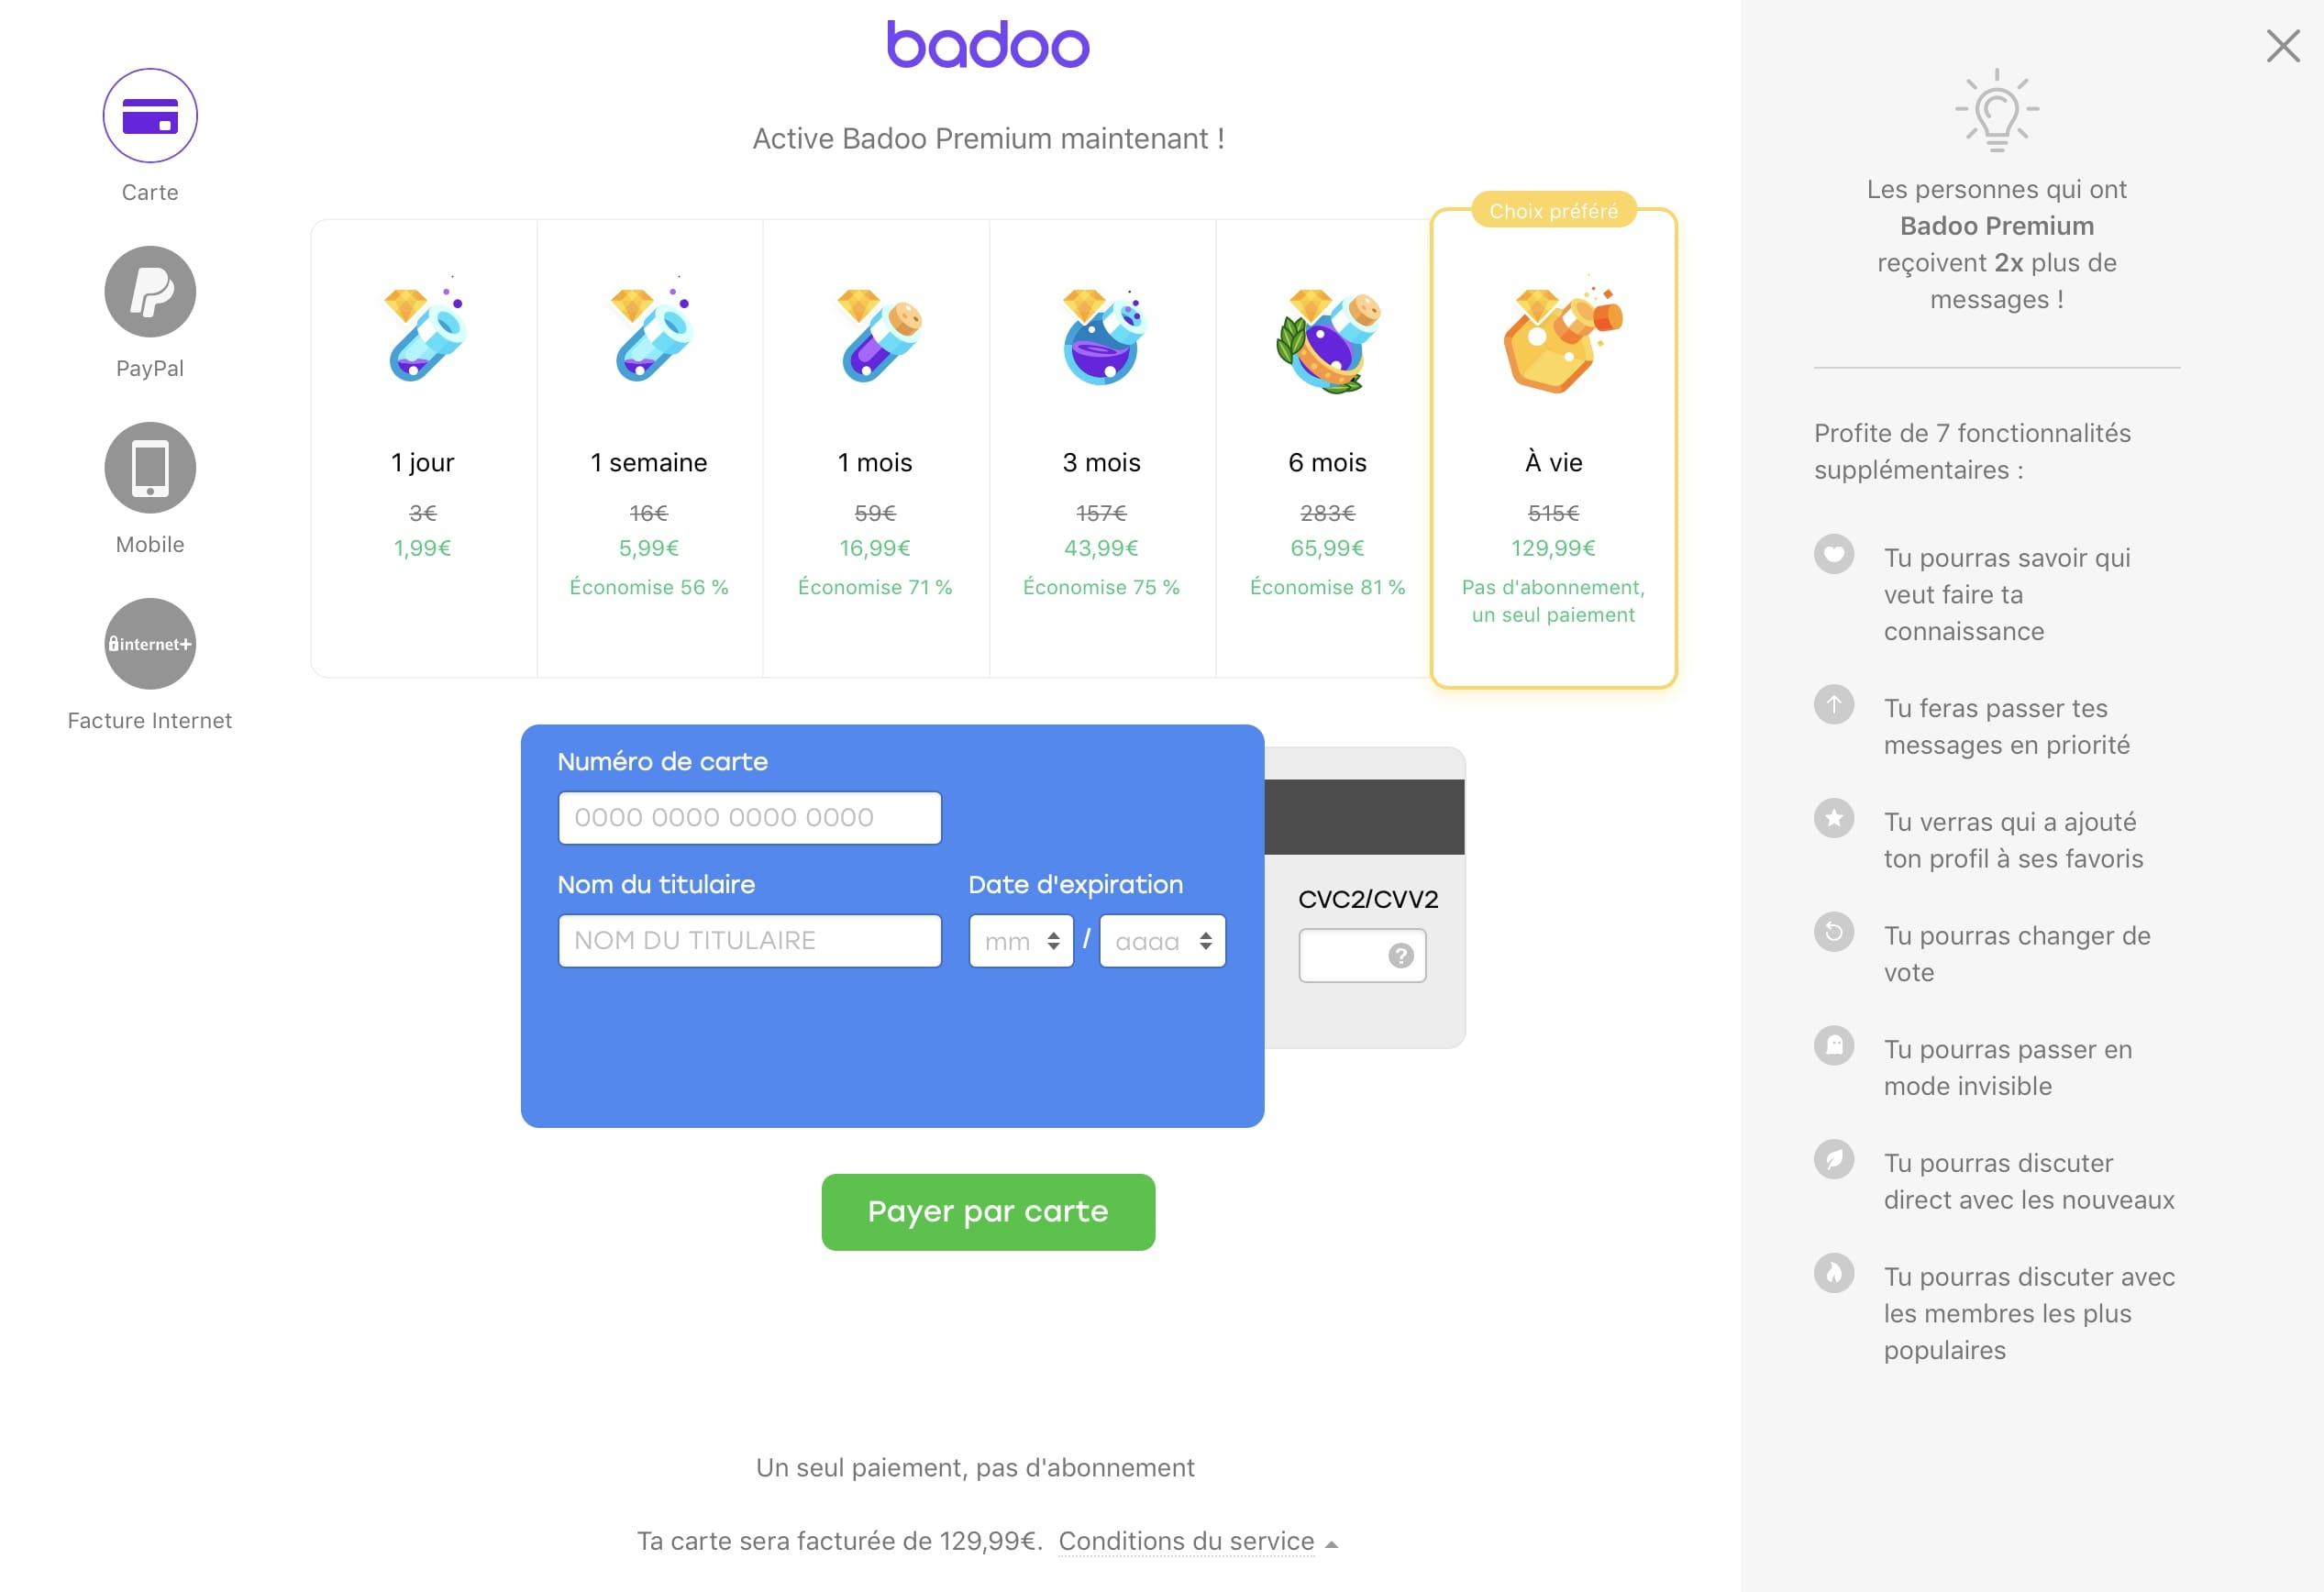 Badoo badoo 5